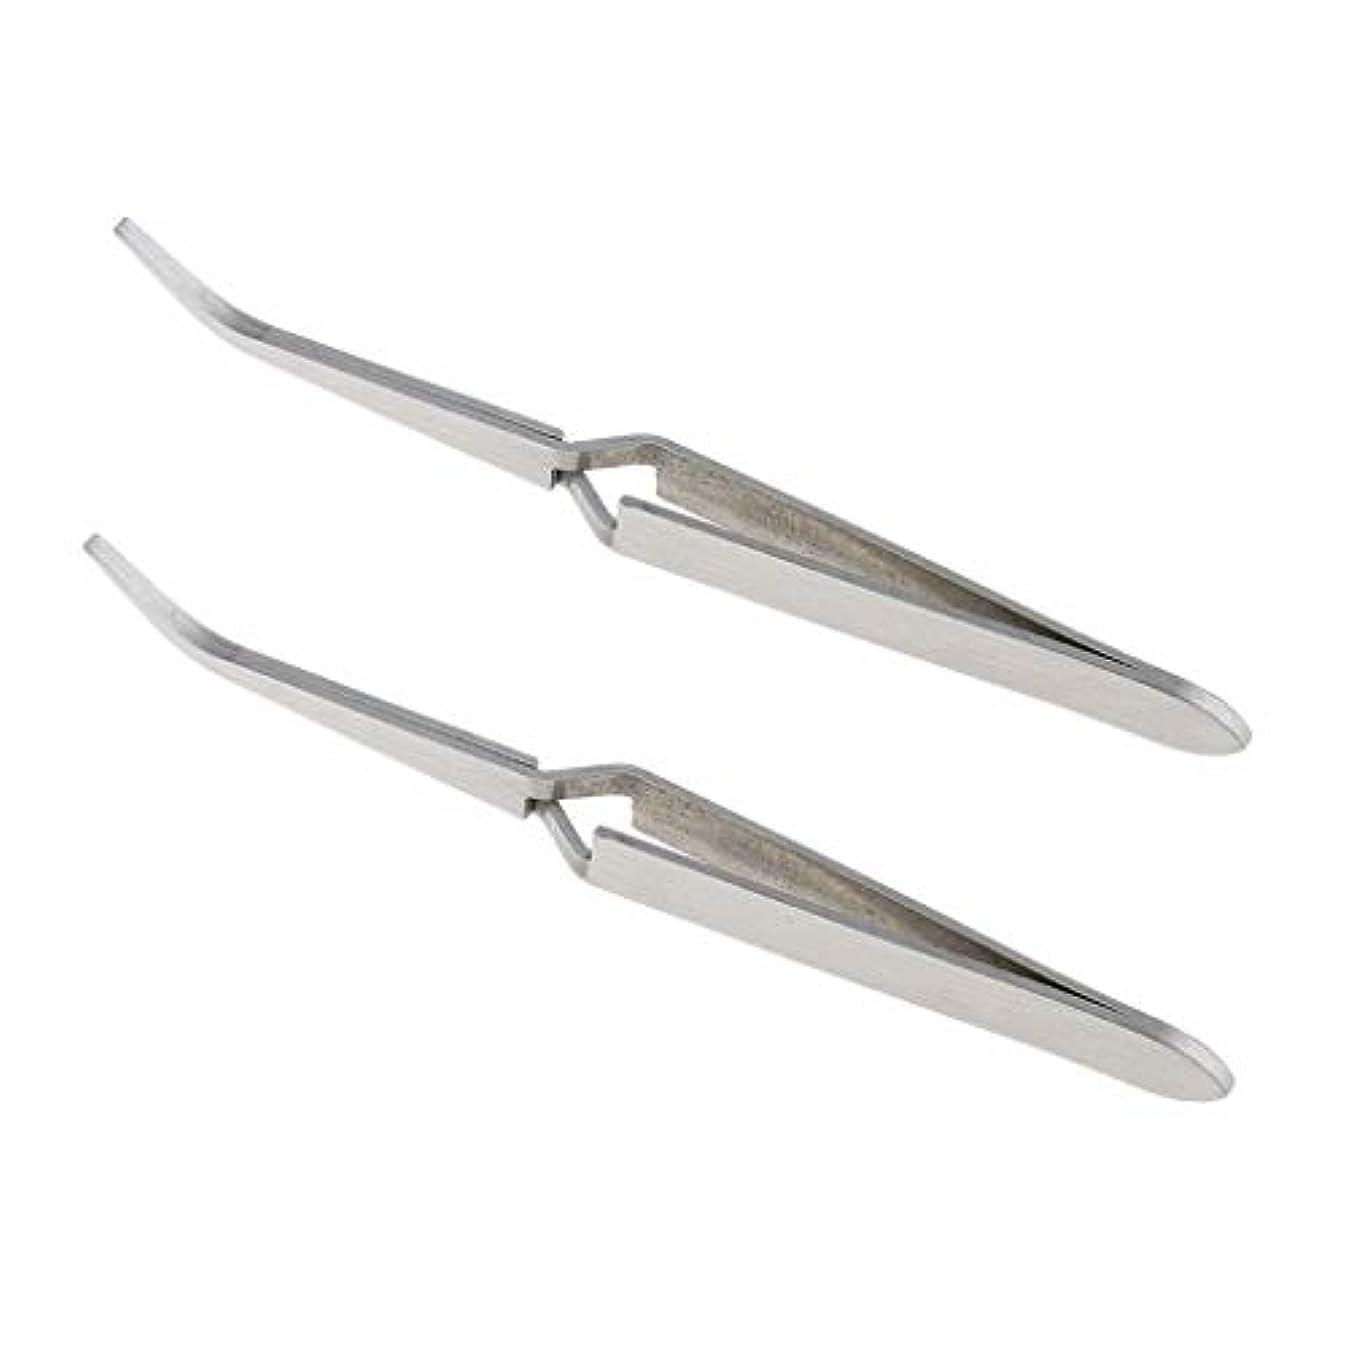 南極苗することになっている2個 ステンレス鋼 Cカーブ マニキュア 爪 ピンセット 修復 クランプ 爪 に適う 爪 アート ラインストーン ピッキング デコレーション クリッピング